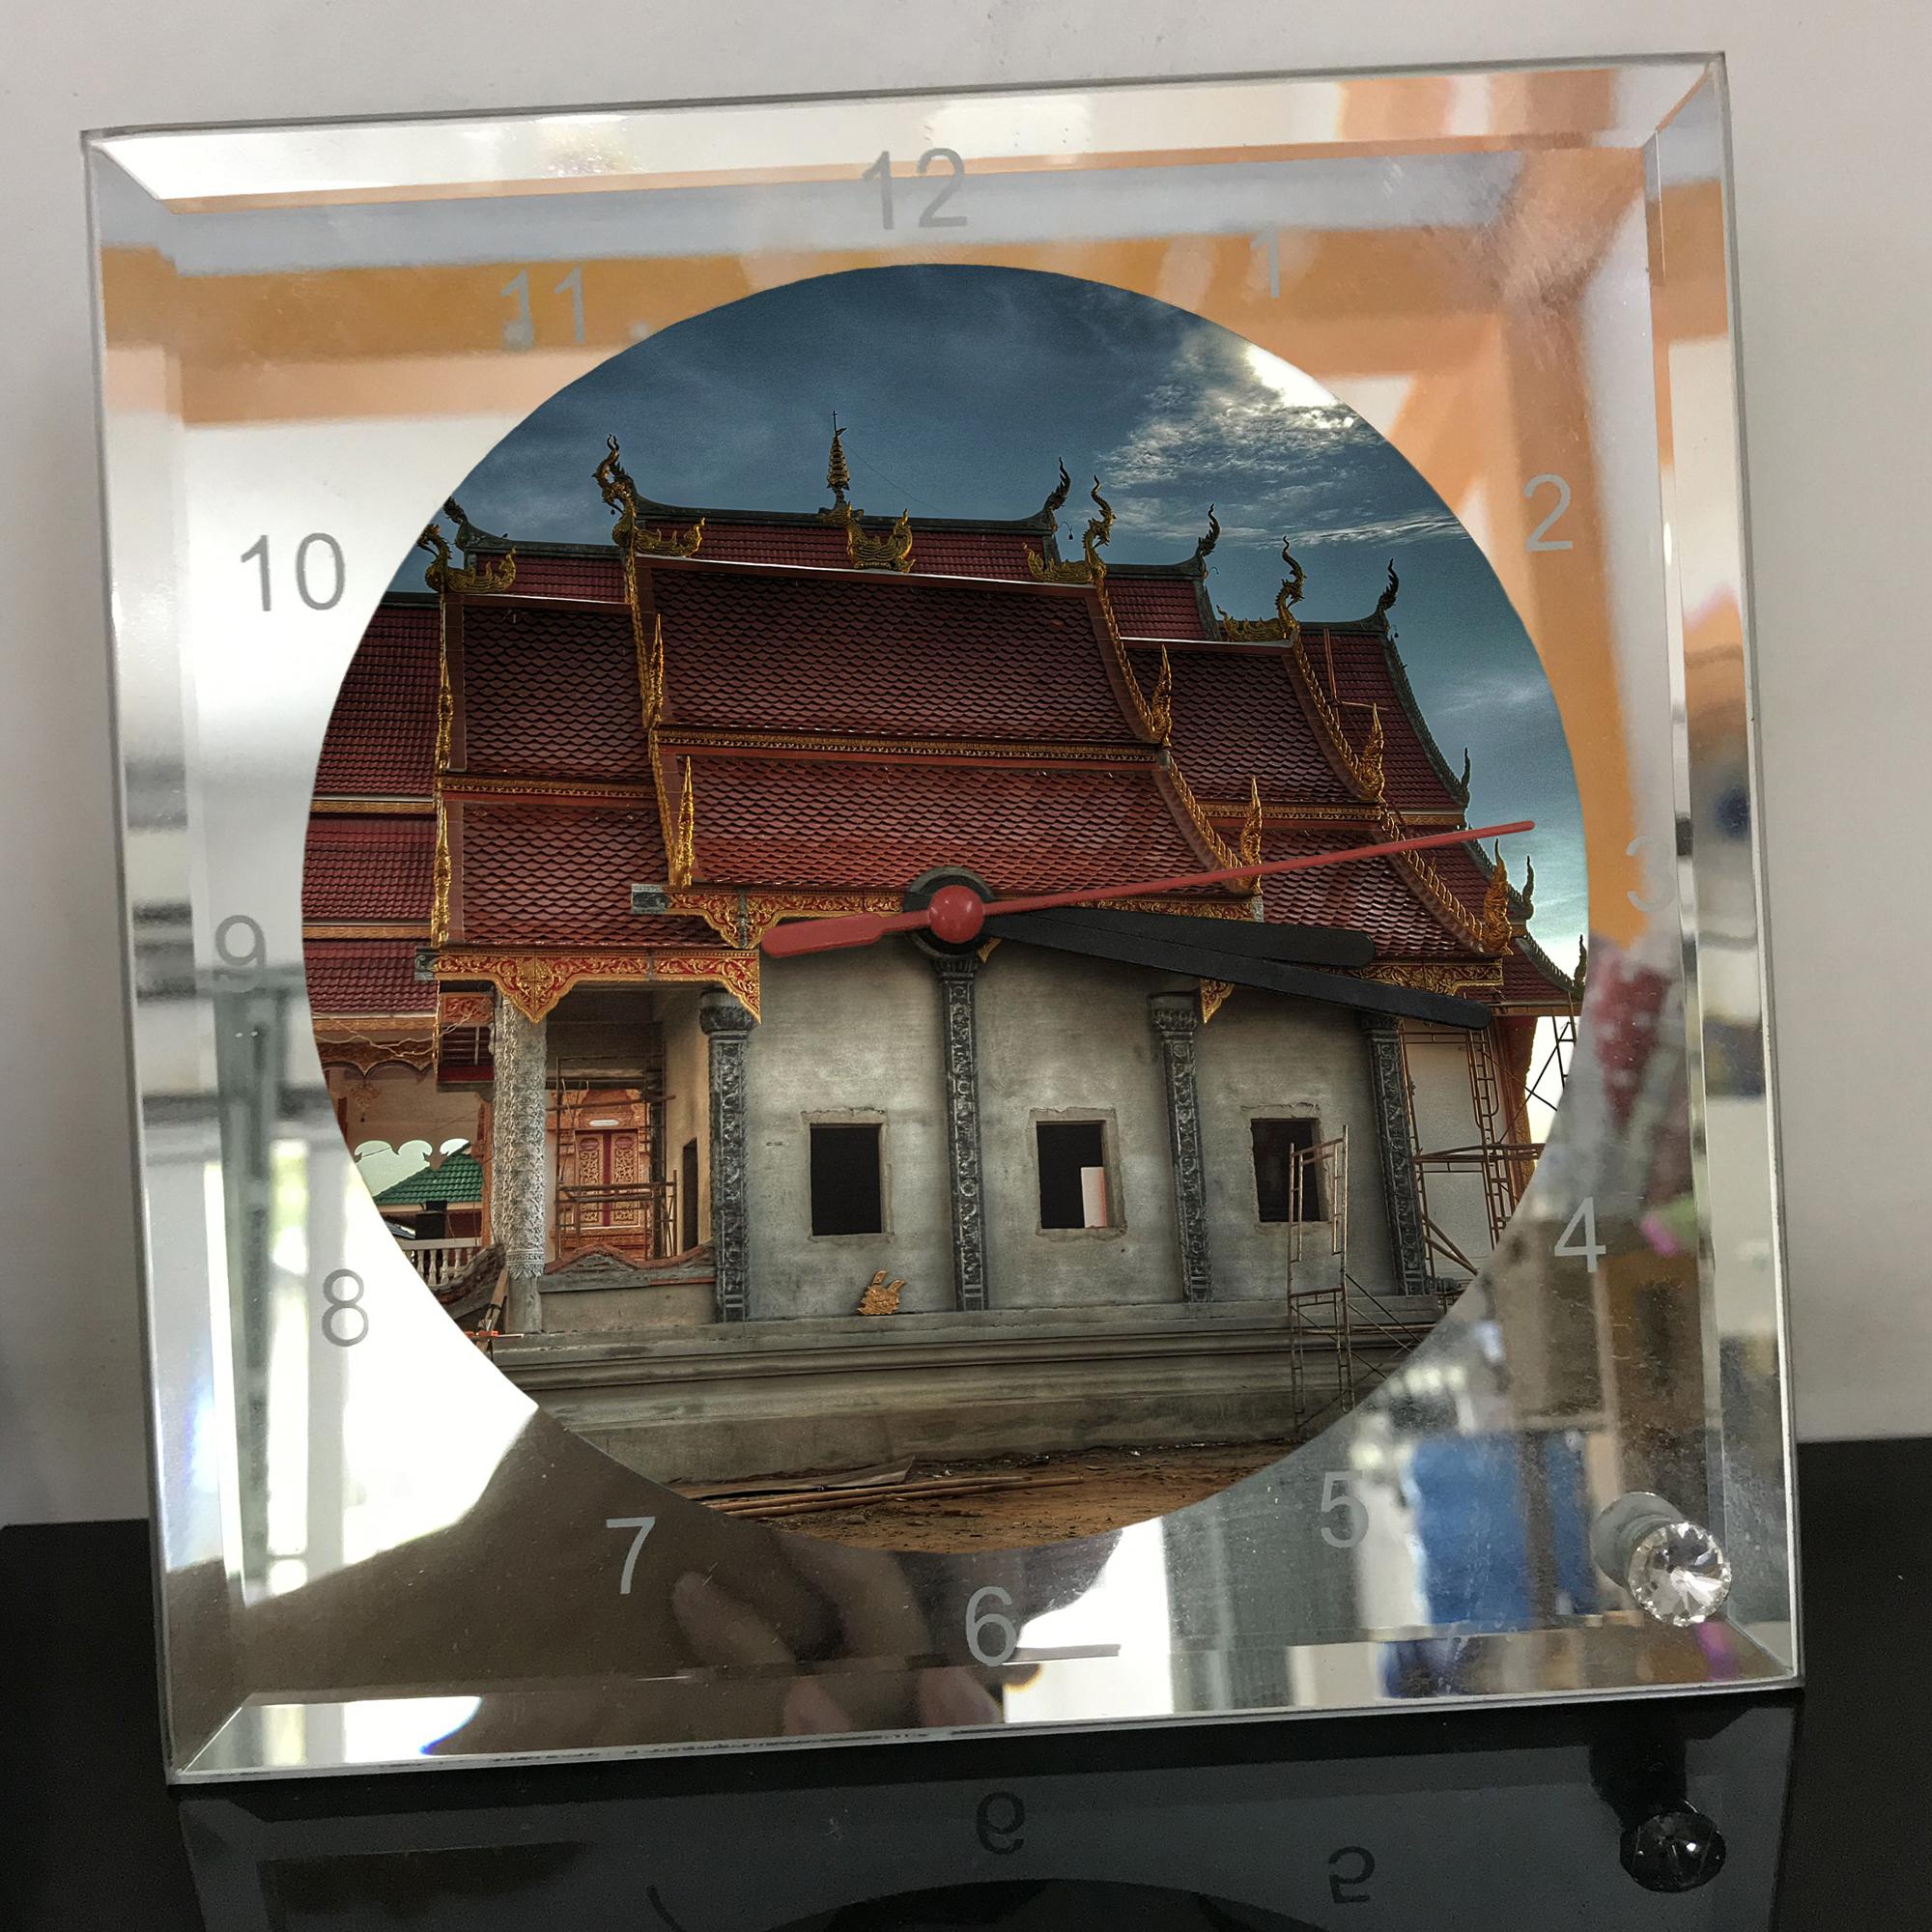 Đồng hồ thủy tinh vuông 20x20 in hình Temple - đền thờ (62) . Đồng hồ thủy tinh để bàn trang trí đẹp chủ đề tôn giáo